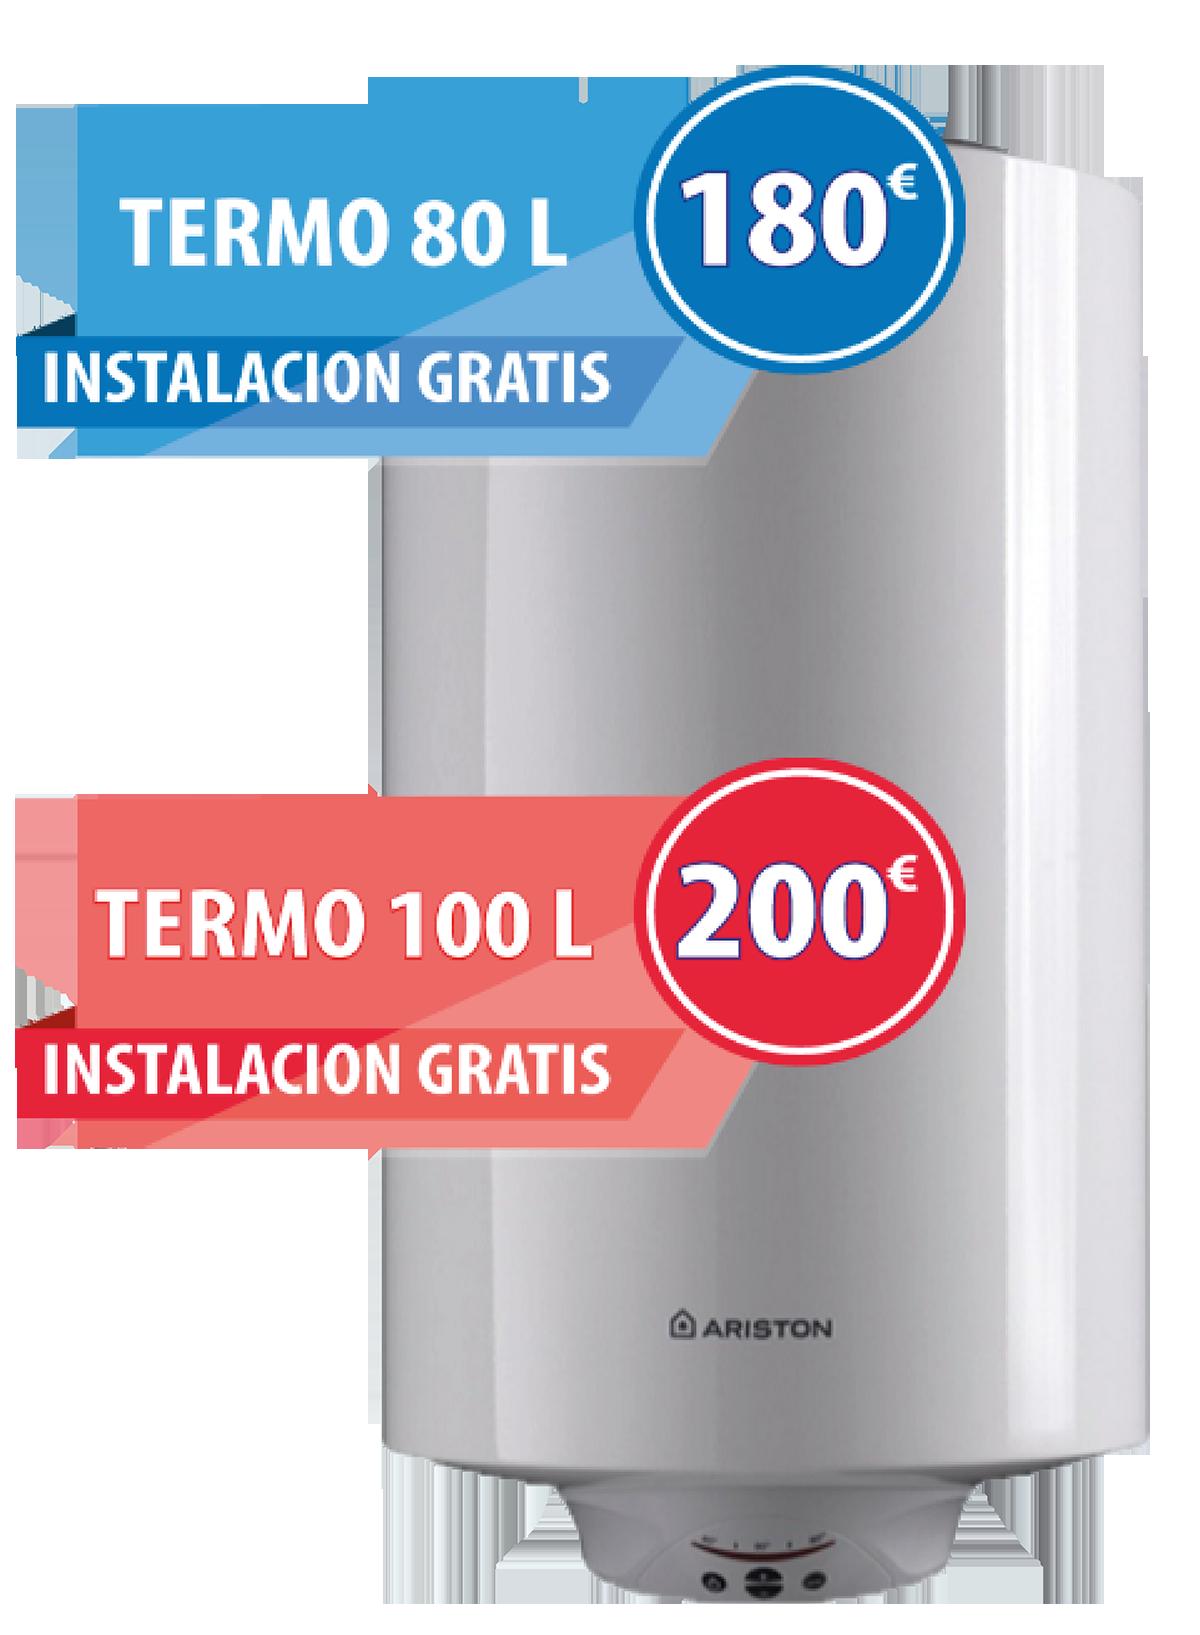 Termos en malaga venta e instalacion de termos electricos - Instalacion de termo electrico ...